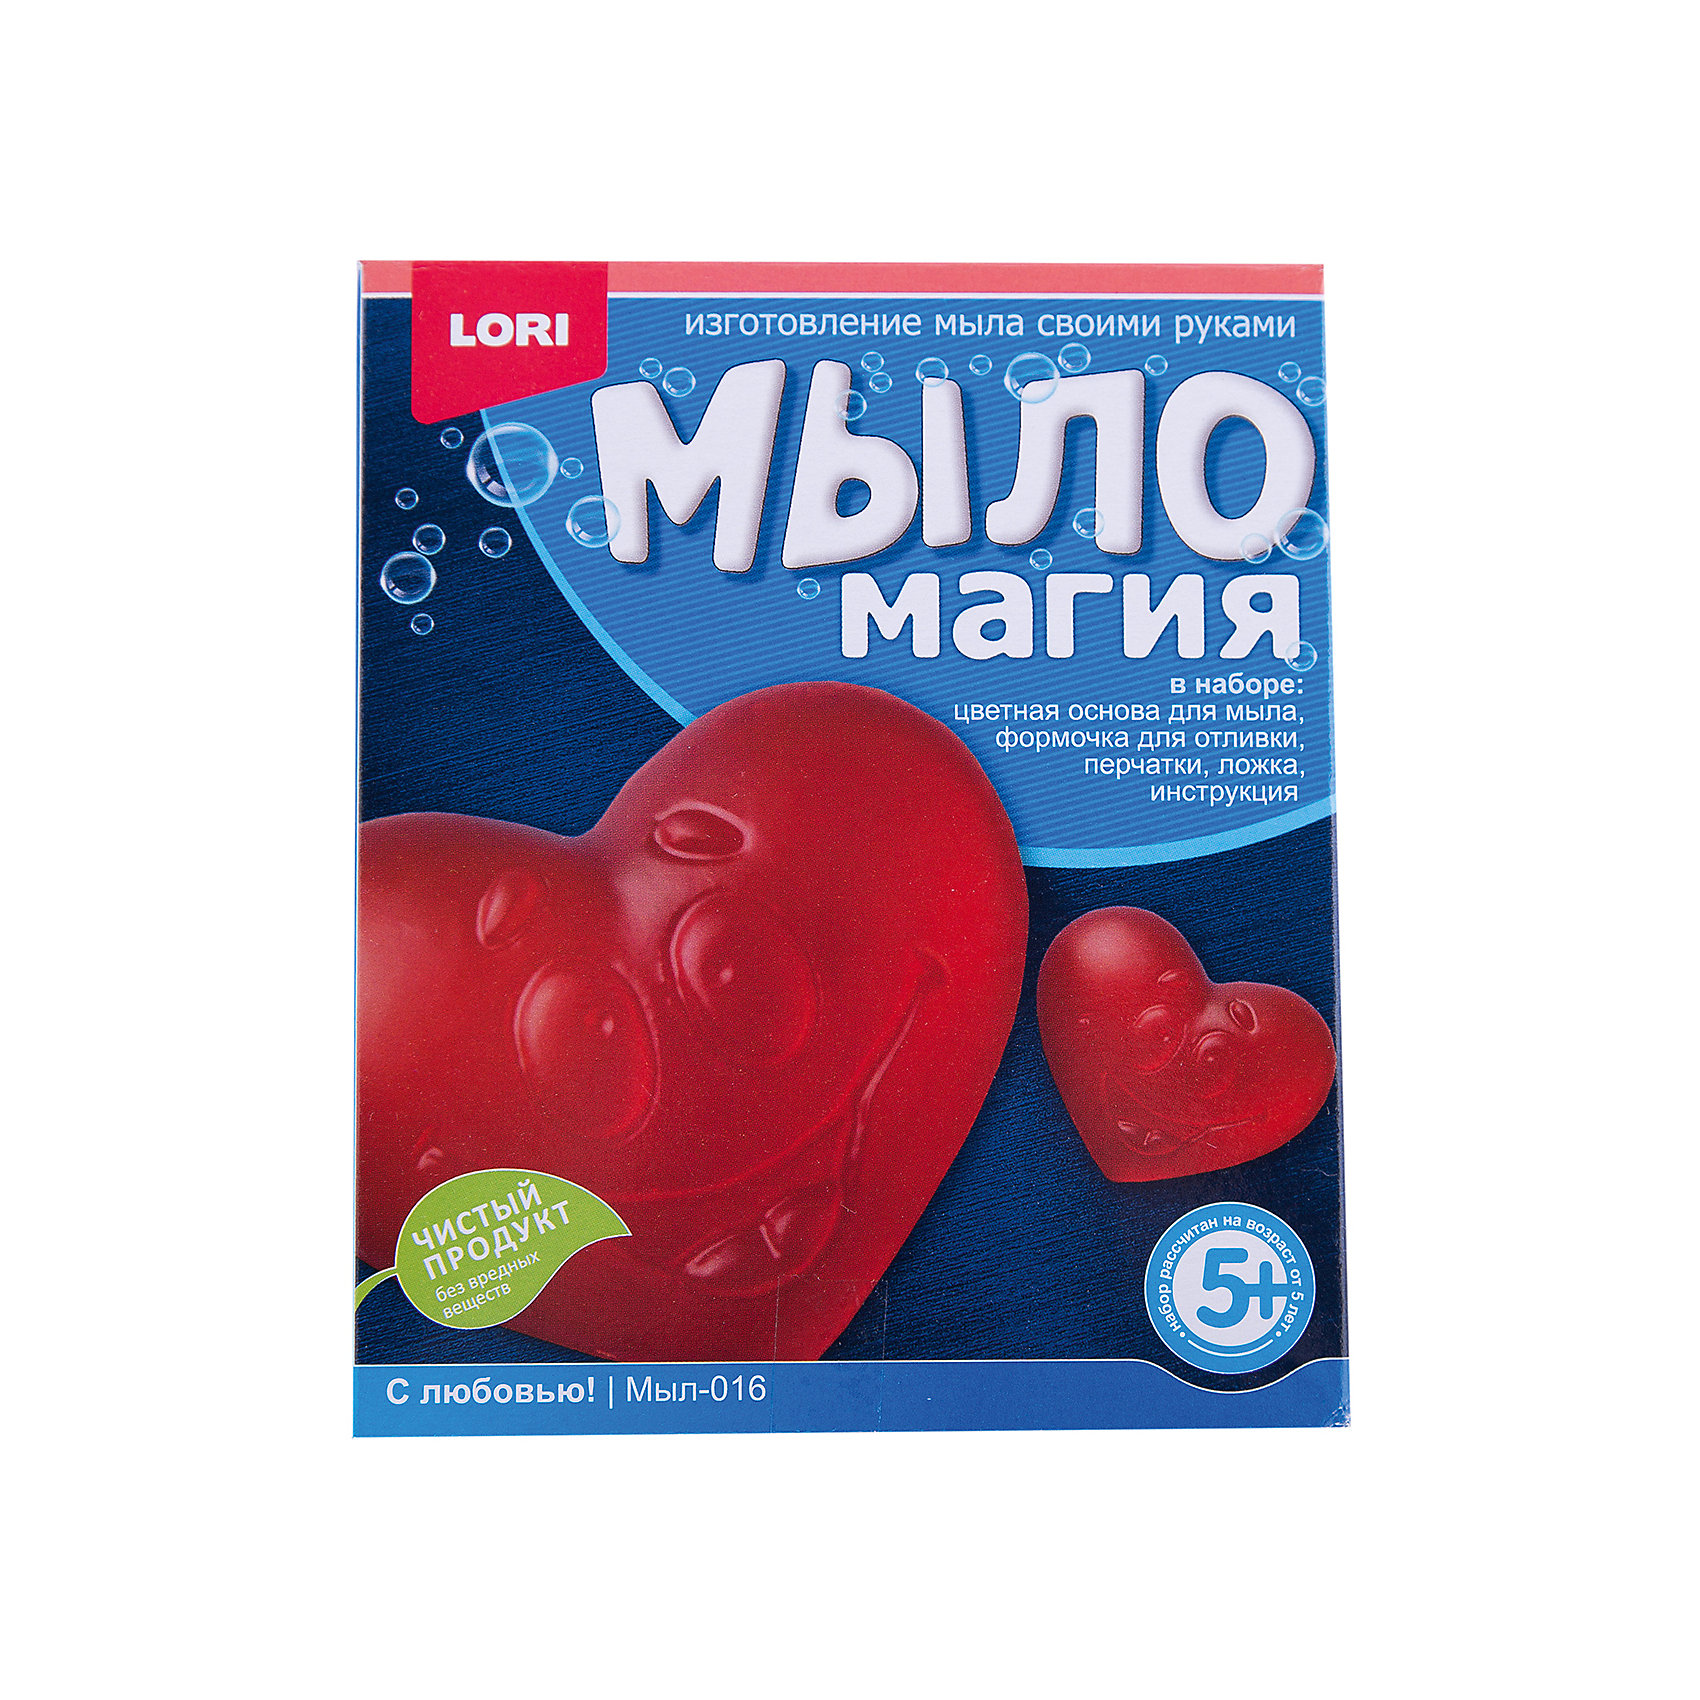 МылоМагия С любовью!Основа для мыла емкость для растапливания, форма для заливки мыльного раствора, пищевой краситель, пипетка, перчатки, ложка инструкция<br><br>Ширина мм: 40<br>Глубина мм: 135<br>Высота мм: 113<br>Вес г: 350<br>Возраст от месяцев: 60<br>Возраст до месяцев: 84<br>Пол: Унисекс<br>Возраст: Детский<br>SKU: 5032300